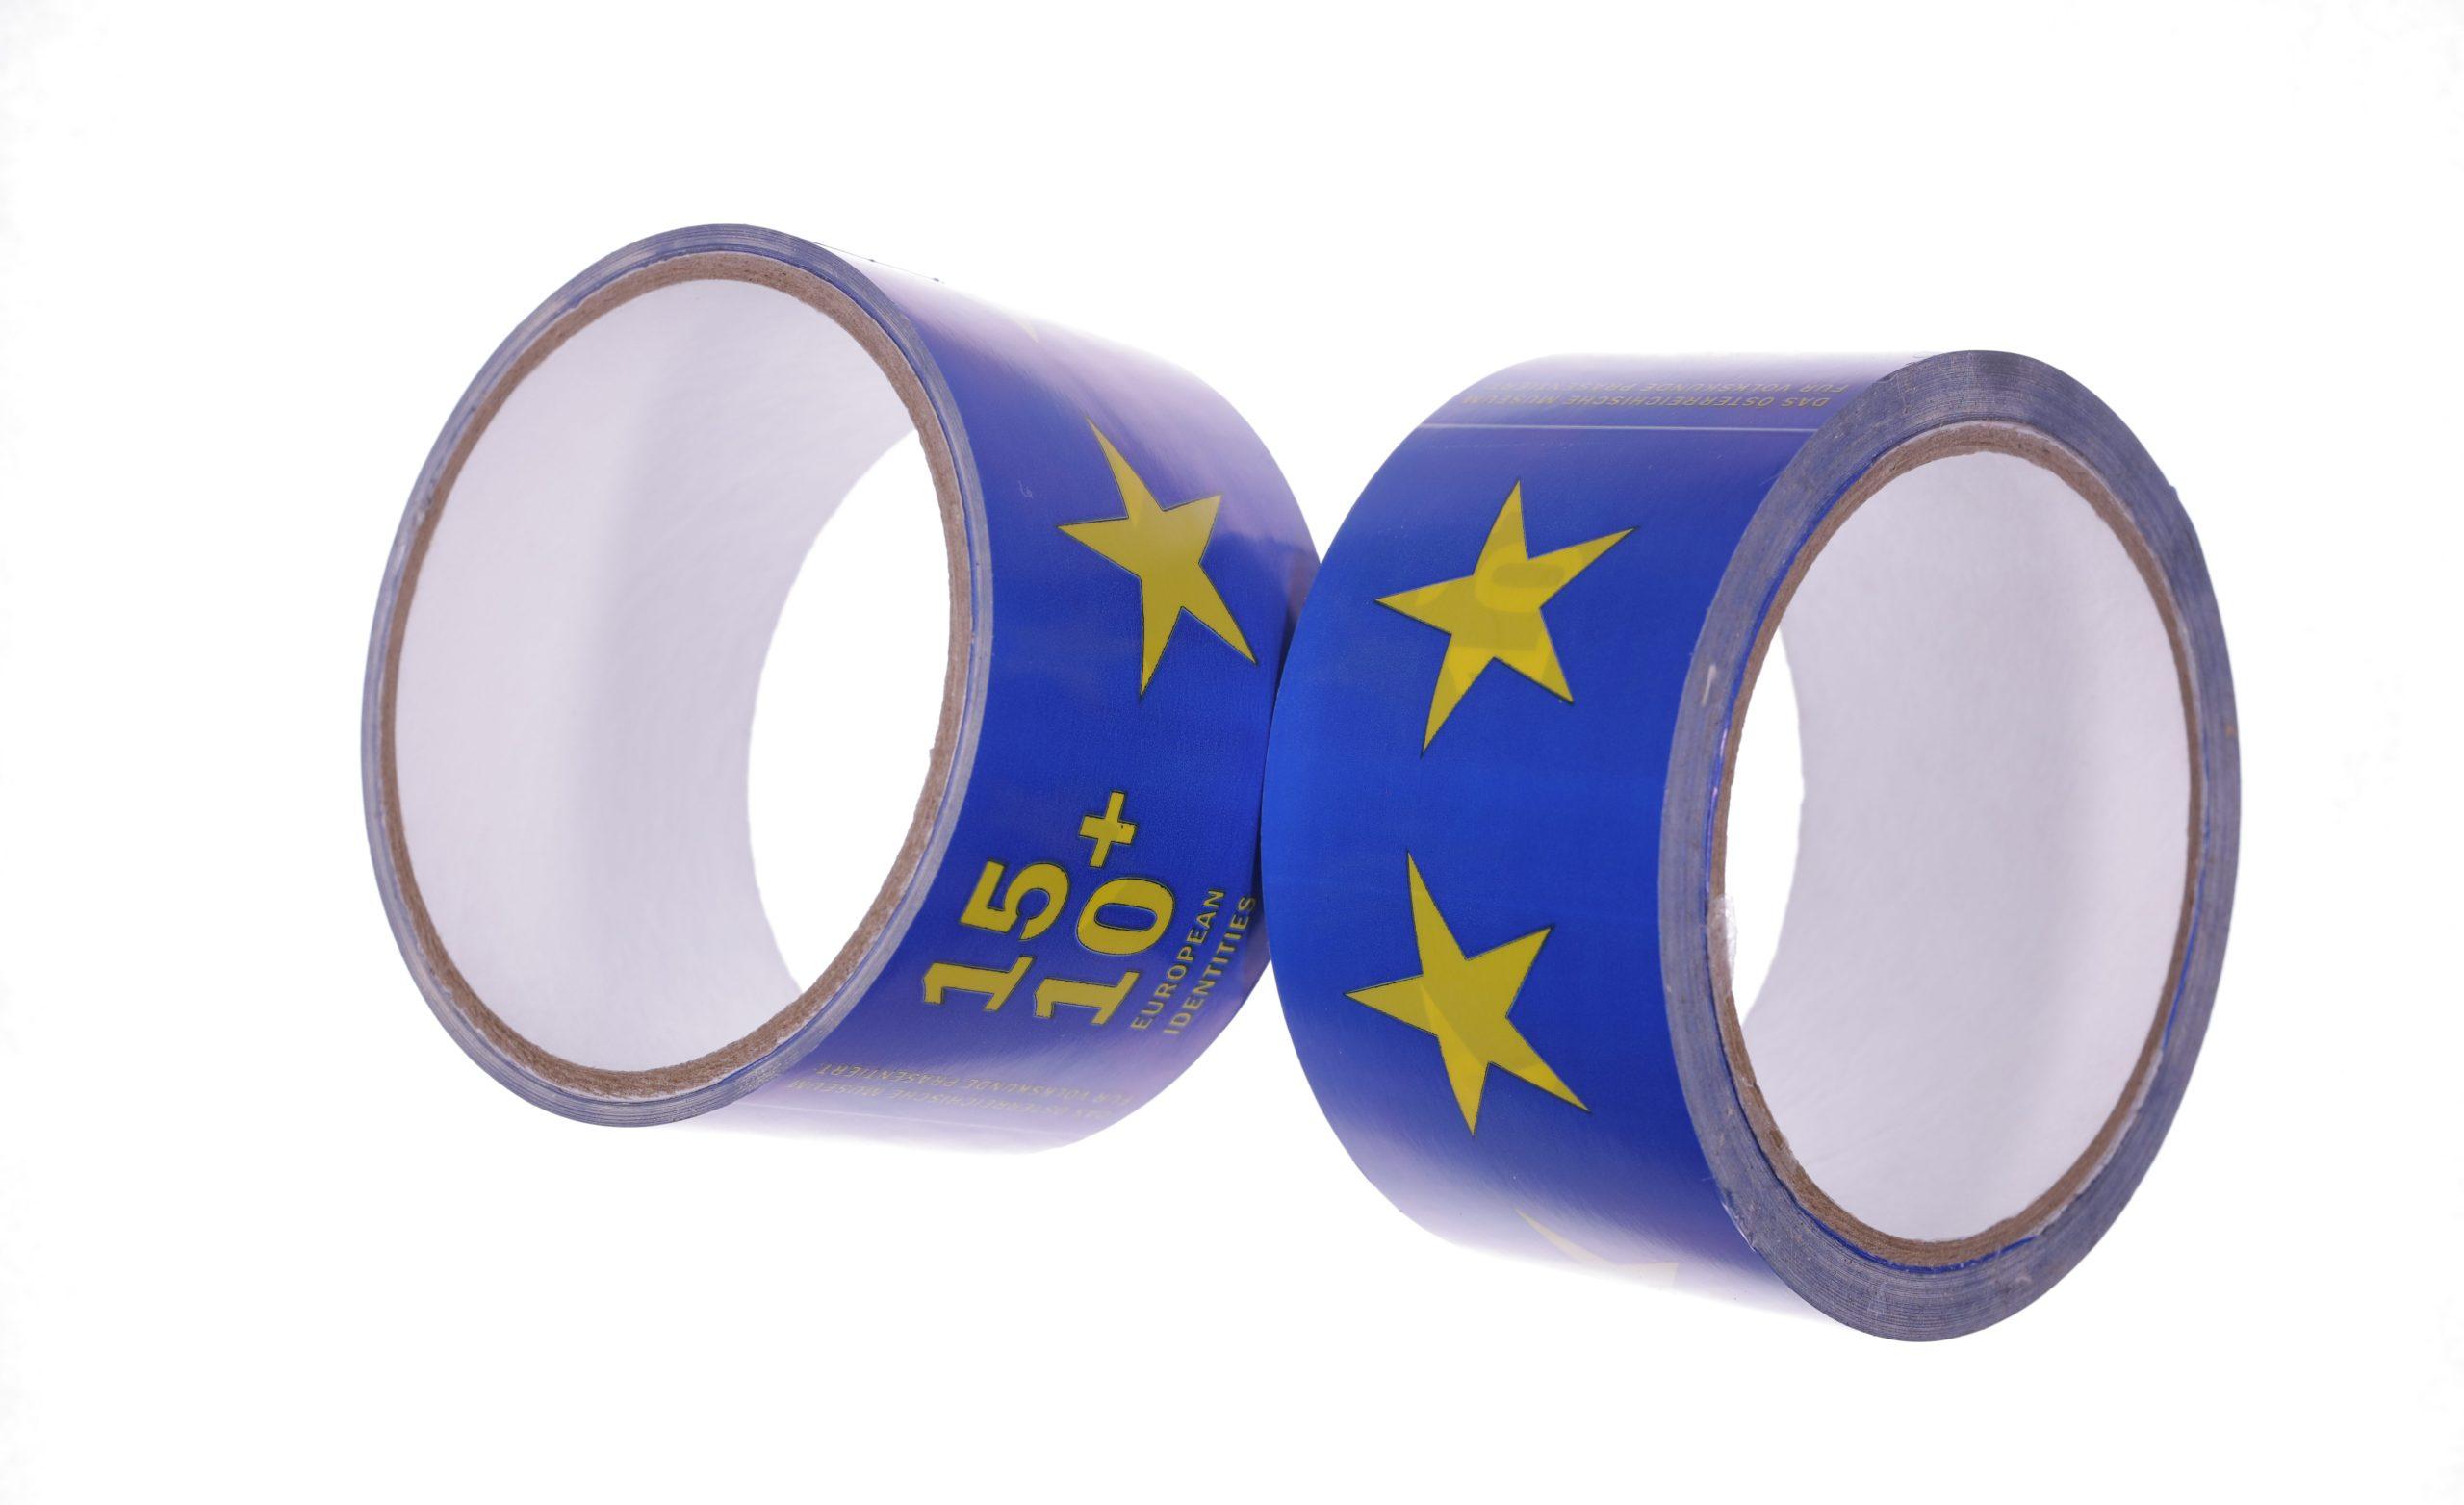 """Das Foto zeigt zwei Klebebandrollen. Sie sind blau, mit aufgedruckten gelben fünfzackigen Sternen und dem immer wieder eingeschobenen Schriftzug """"15+10 Europäische Identitäten""""."""